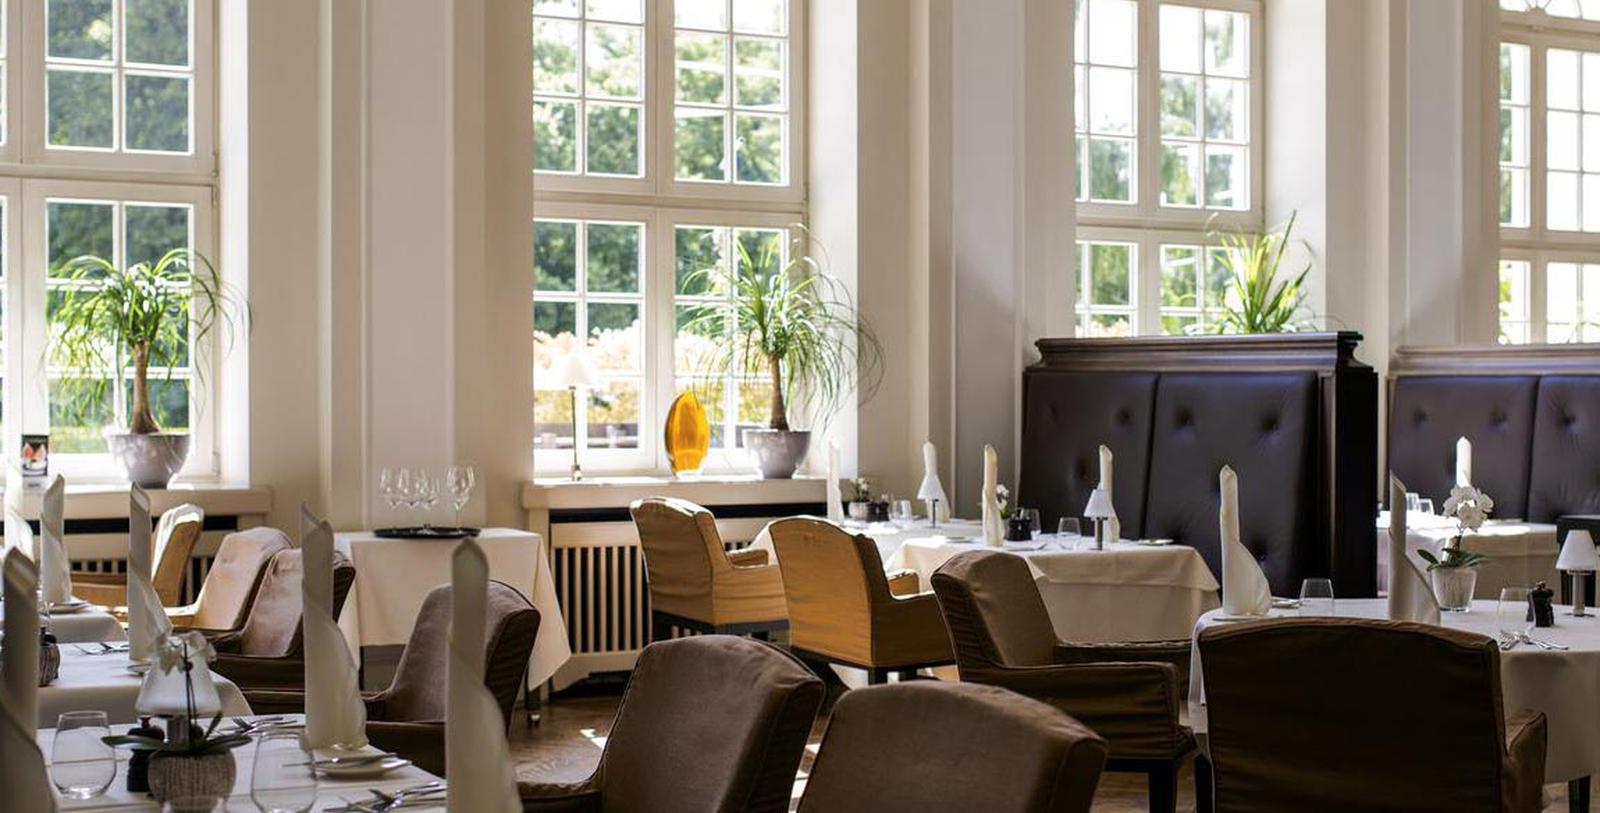 Image of La Brasserie, Hotel Pullman Aachen Quellenhof, Aachen, Germany, 1916, Member of Historic Hotels Worldwide, Taste